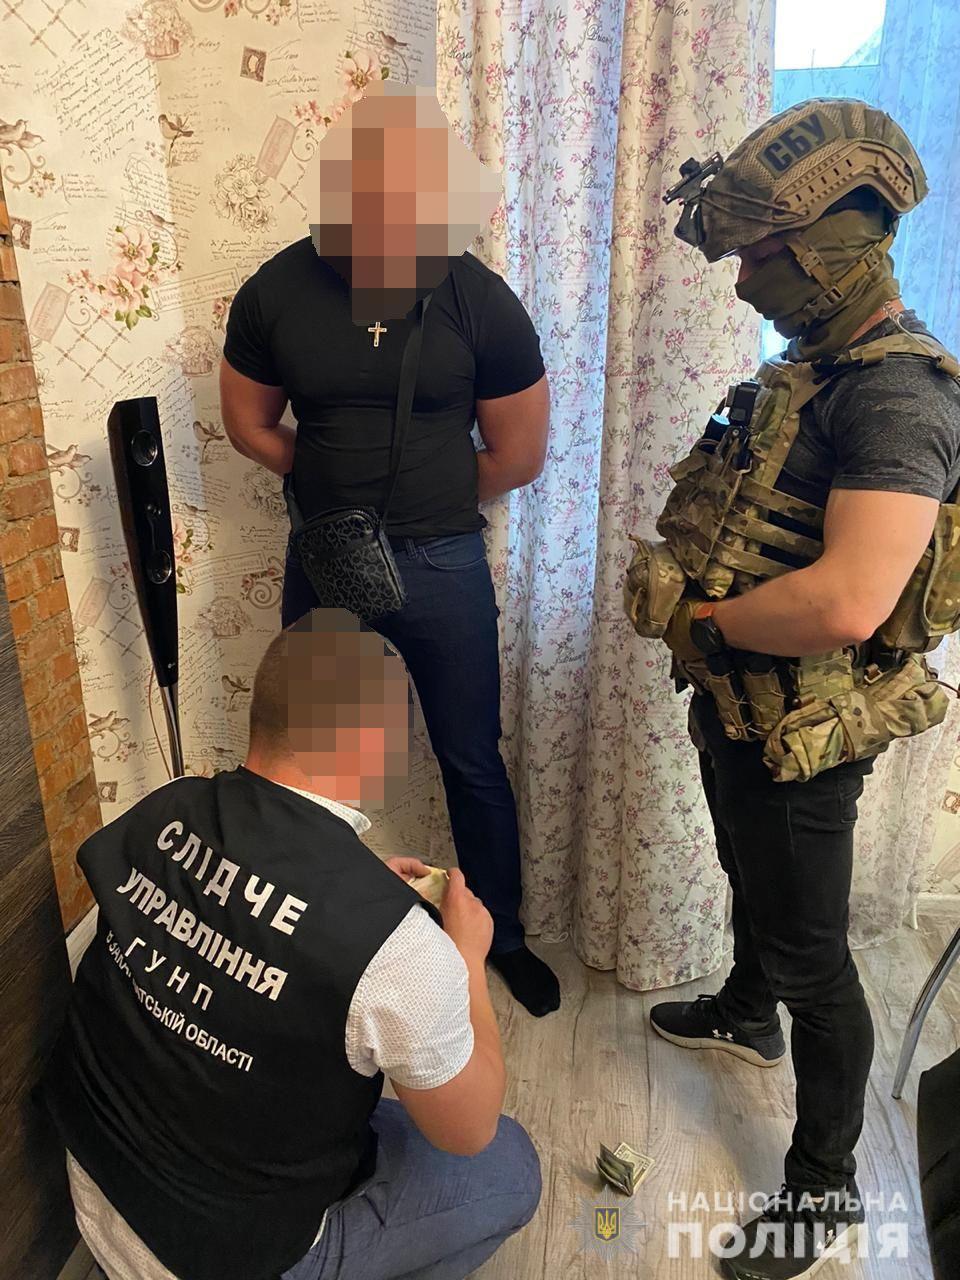 Наркодилерів затримали у одній з квартир Ужгорода, де вони вчергове реалізували наркотичні засоби.